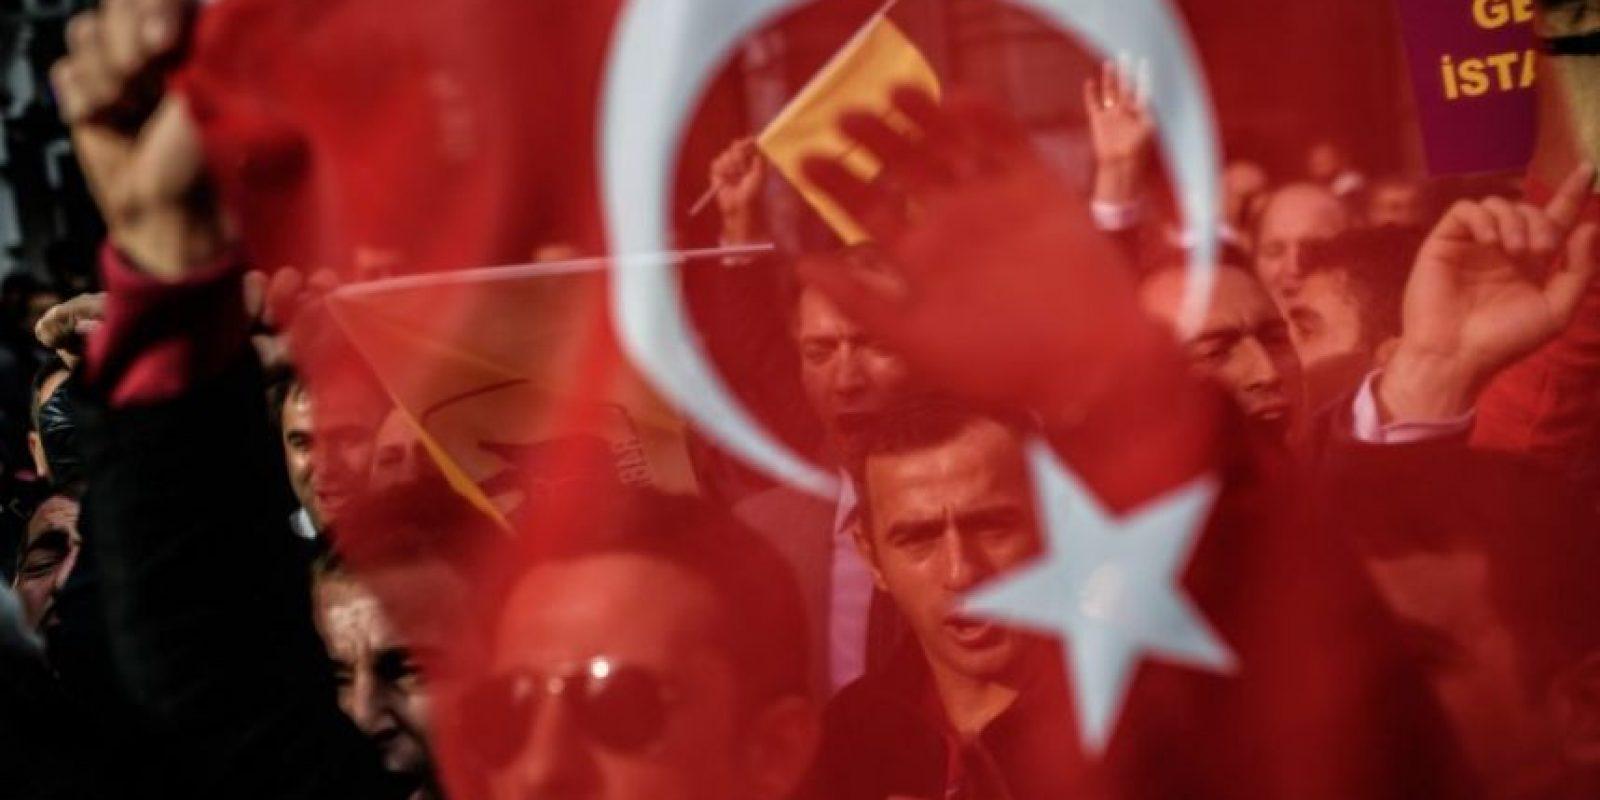 Autoridades de Turquía aseguran que violó el espacio aéreo turco en al menos 10 veces Foto:AFP